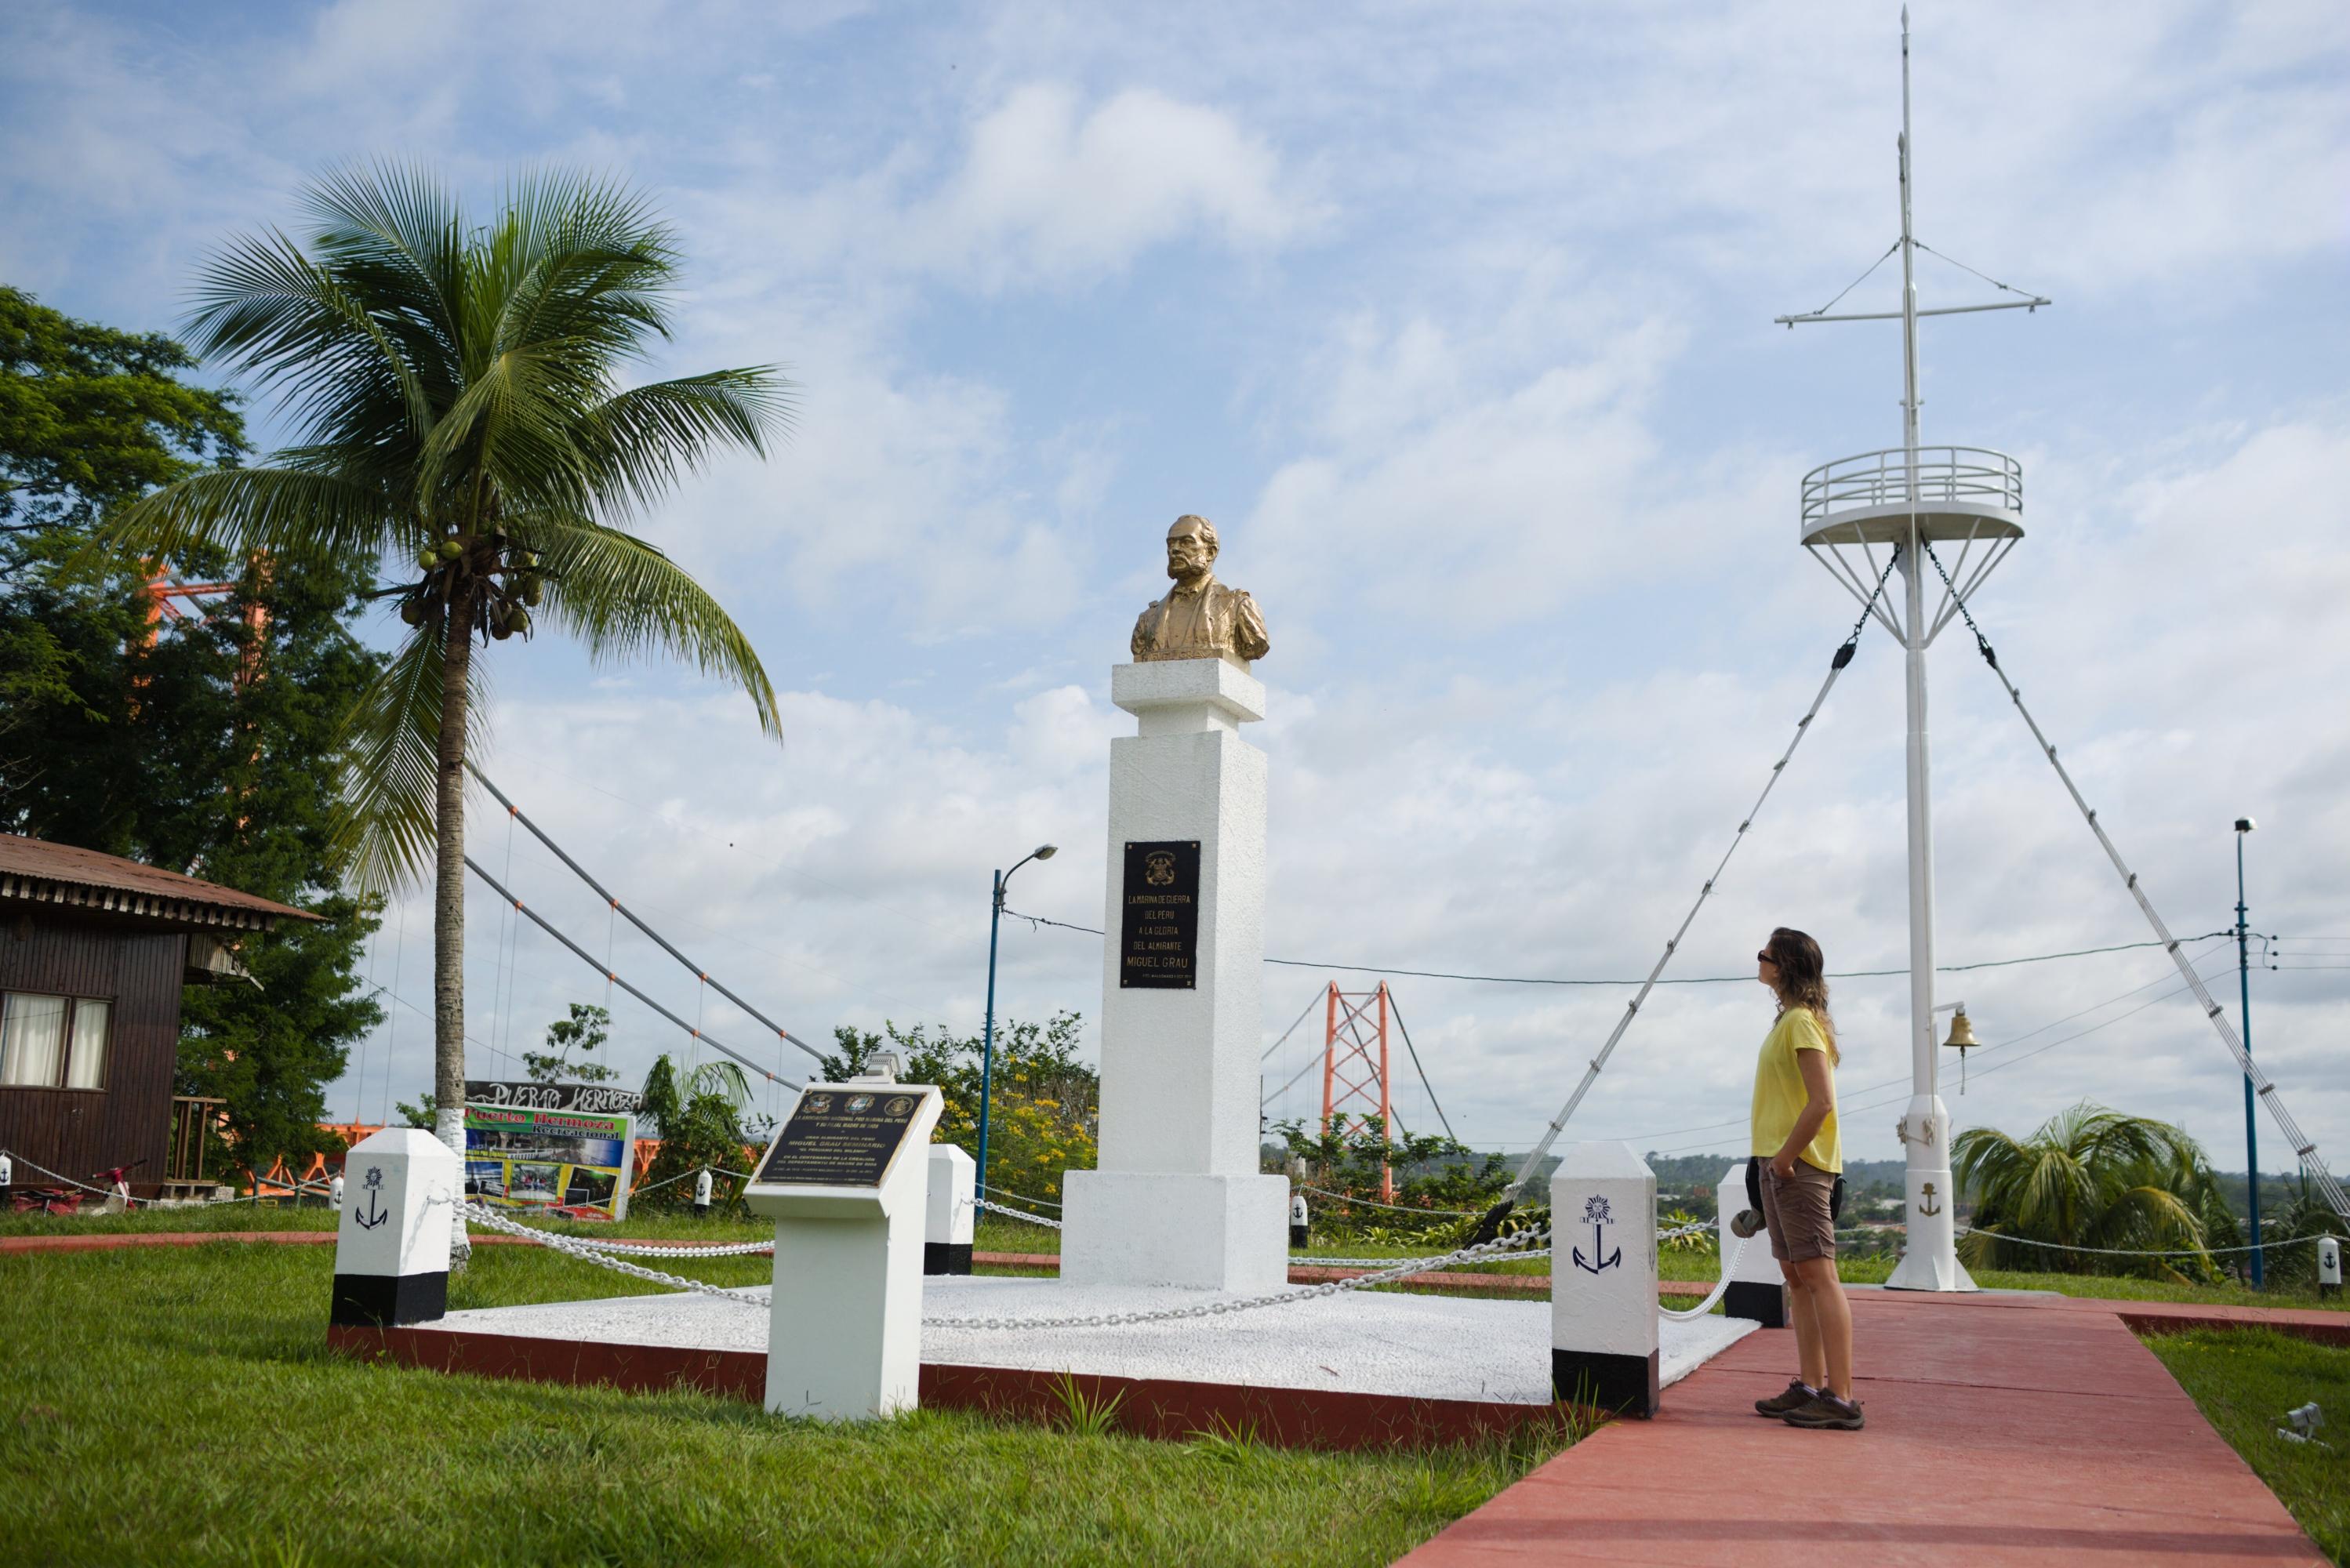 El mirador está cercano a la plaza Miguel Grau, otro de los puntos más visitados de Puerto Maldonado. (Foto: PromPerú)